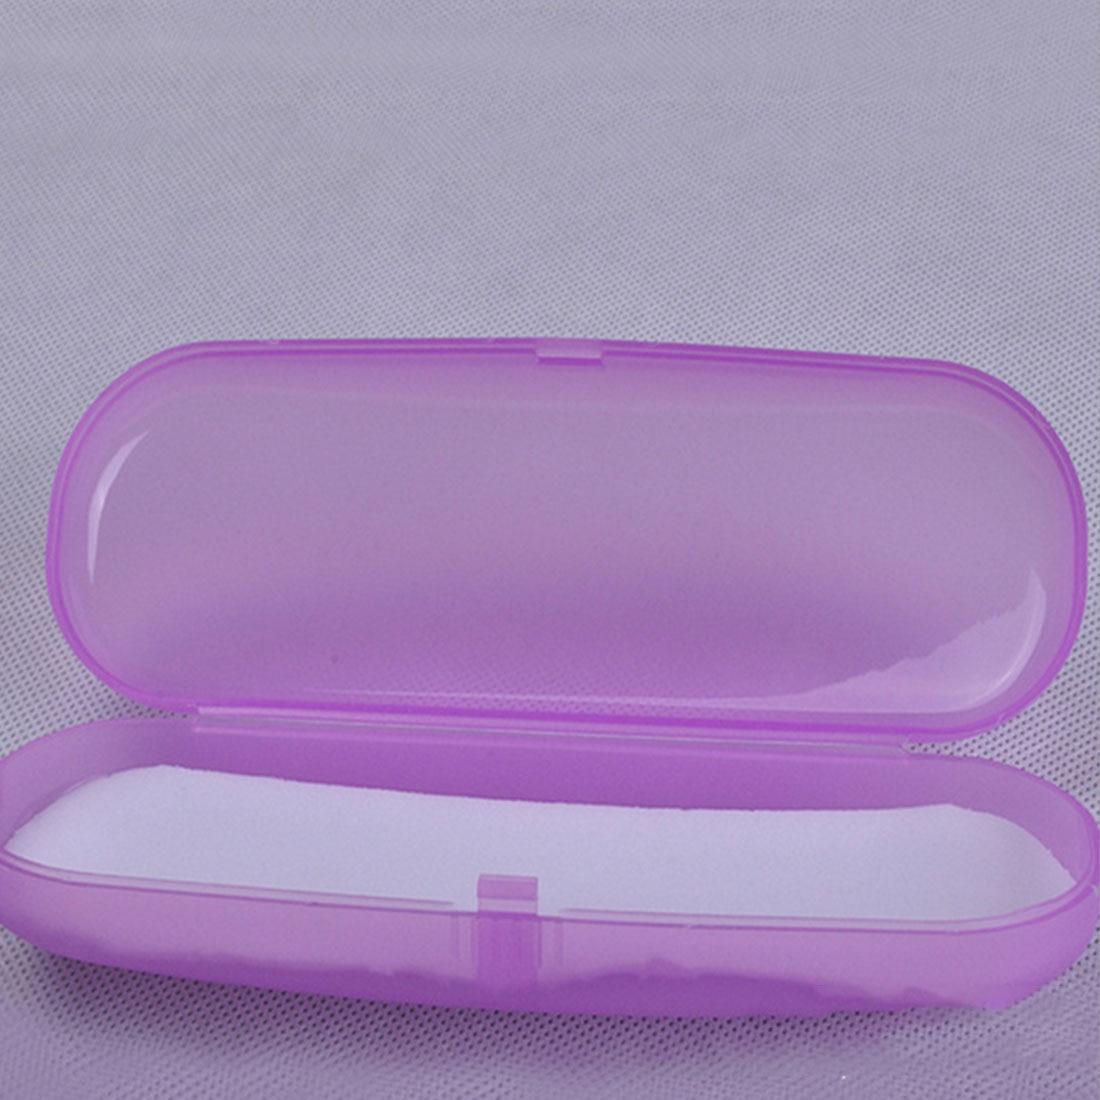 Прозрачный чехол для солнцезащитных очков, жесткий пластиковый Простой Футляр для очков, портативный чехол для хранения очков, переносной Защитный Чехол для очков